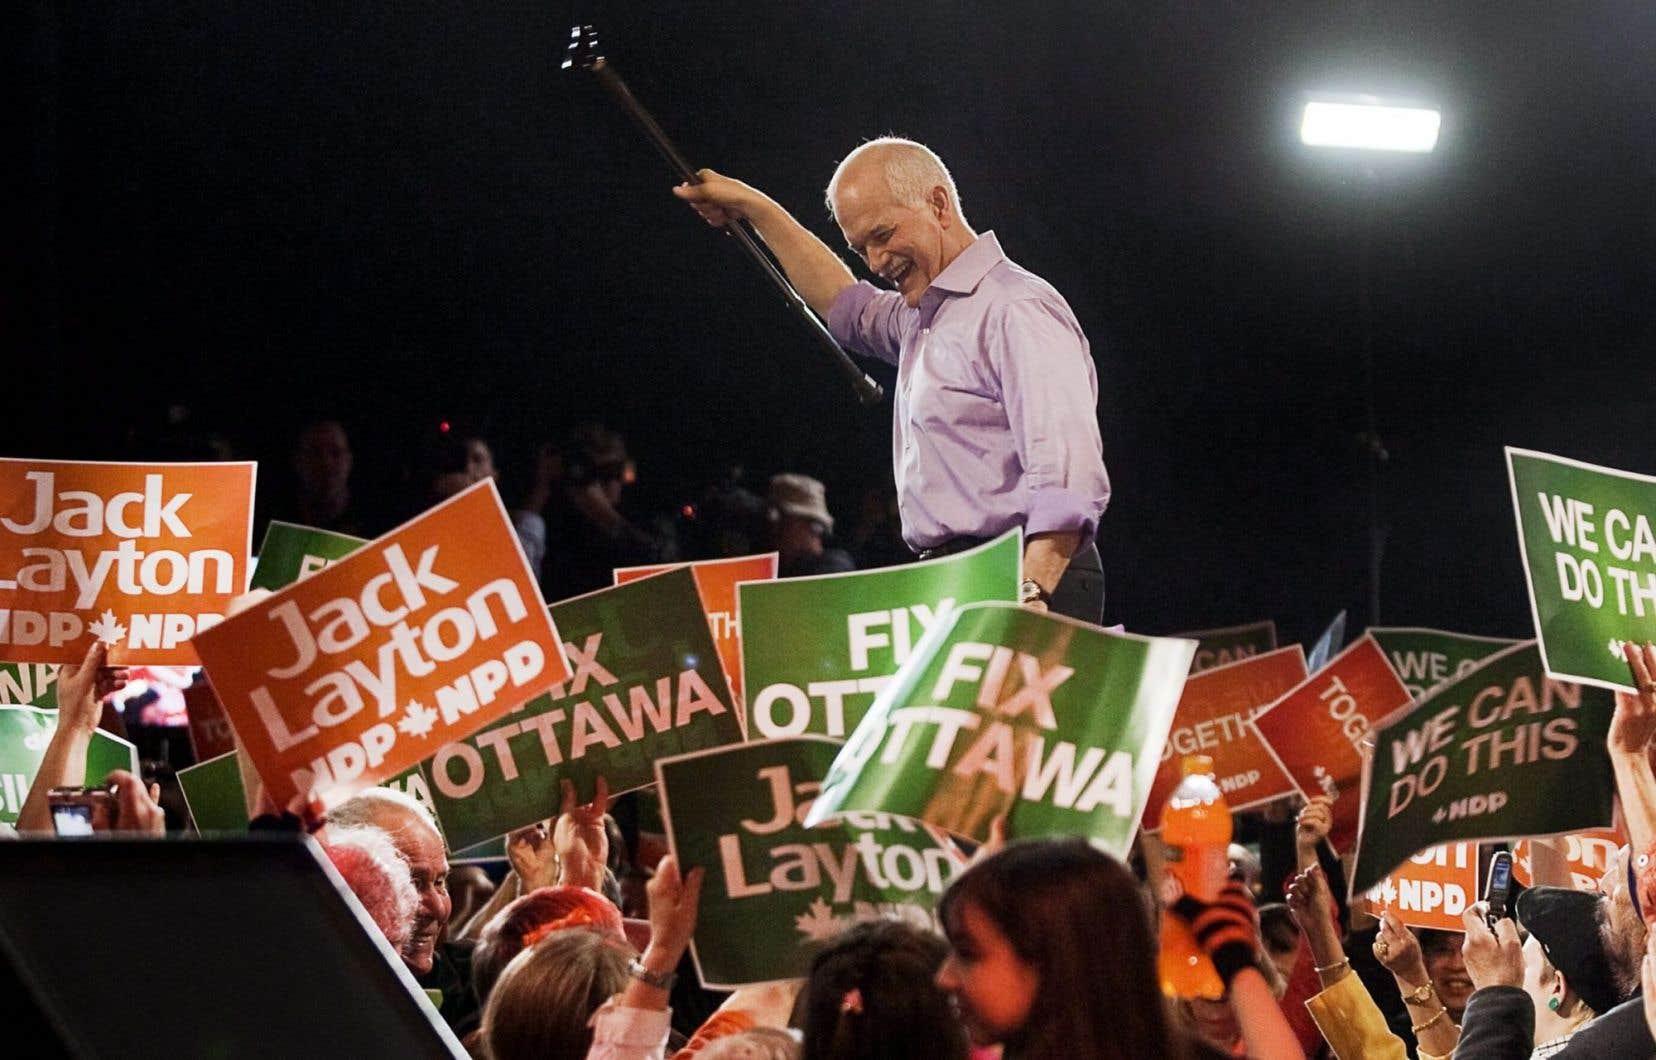 L'ancien chef du NPD, Jack Layton, durant la campagne électorale de 2011.